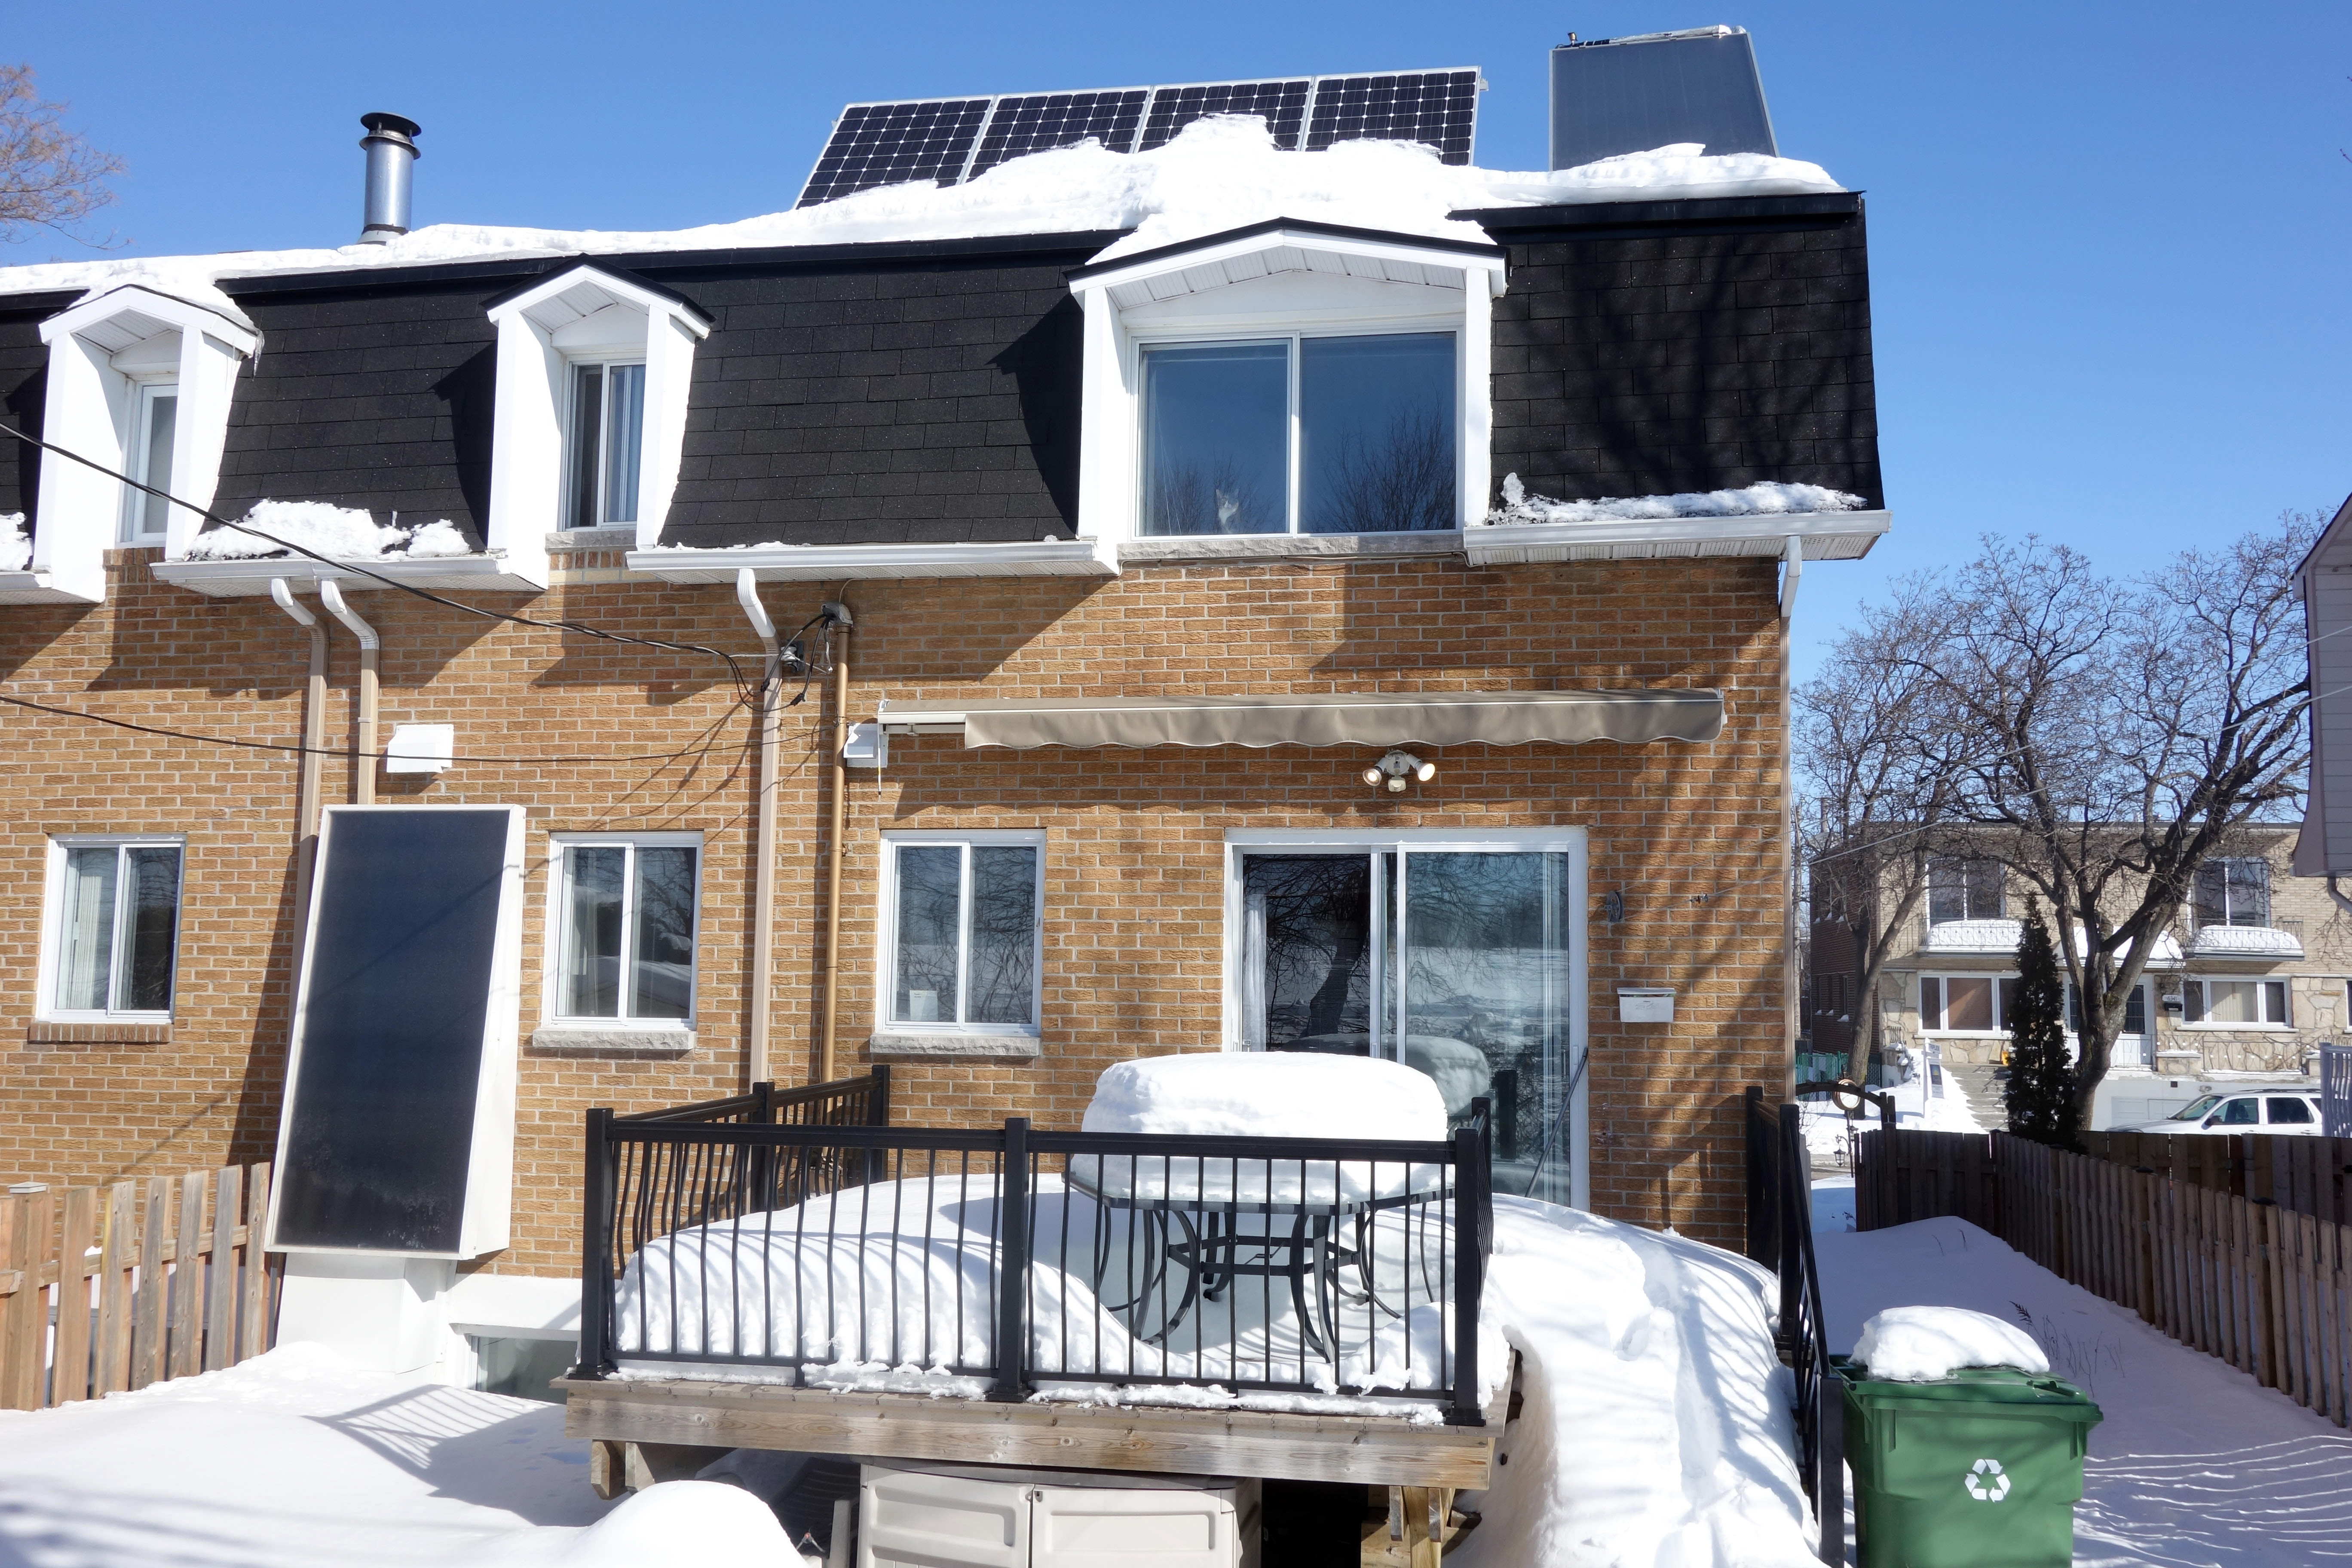 Laposlectricit solaire photovoltaque est-elle rentable? Le magazine